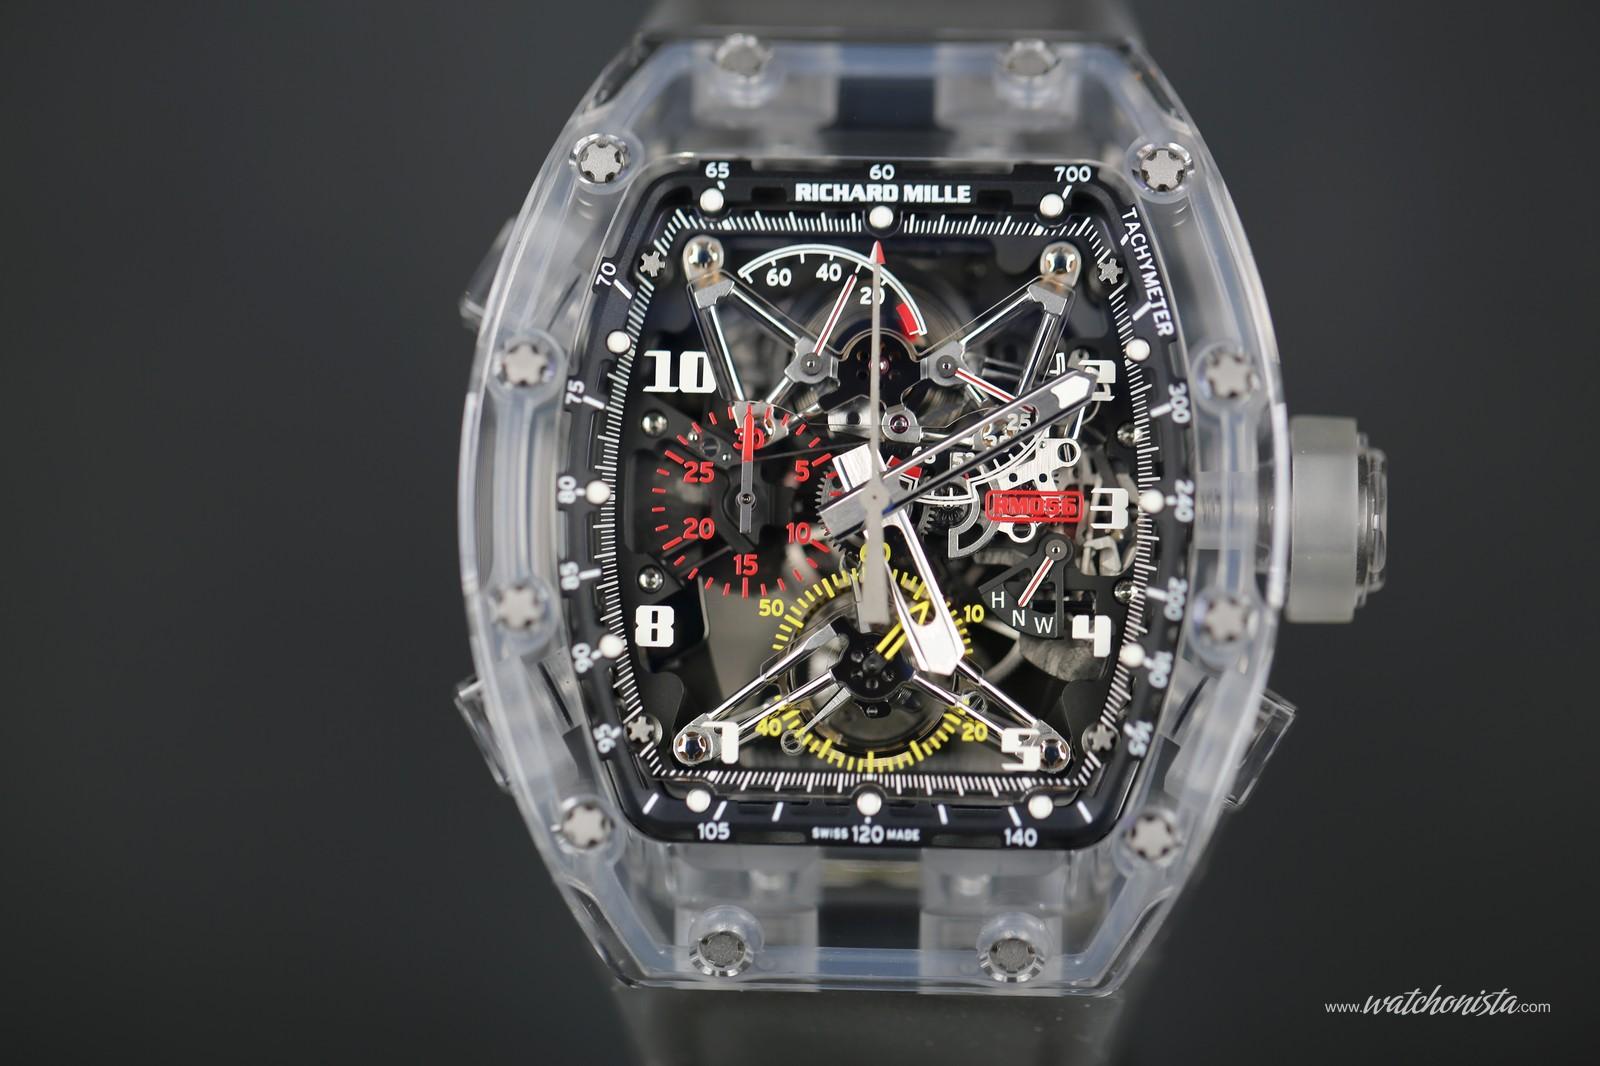 5cdb567c4bdb4 أغلى ساعات العالم - أغلى الساعات في العالم - The Richard Mille RM 56-01